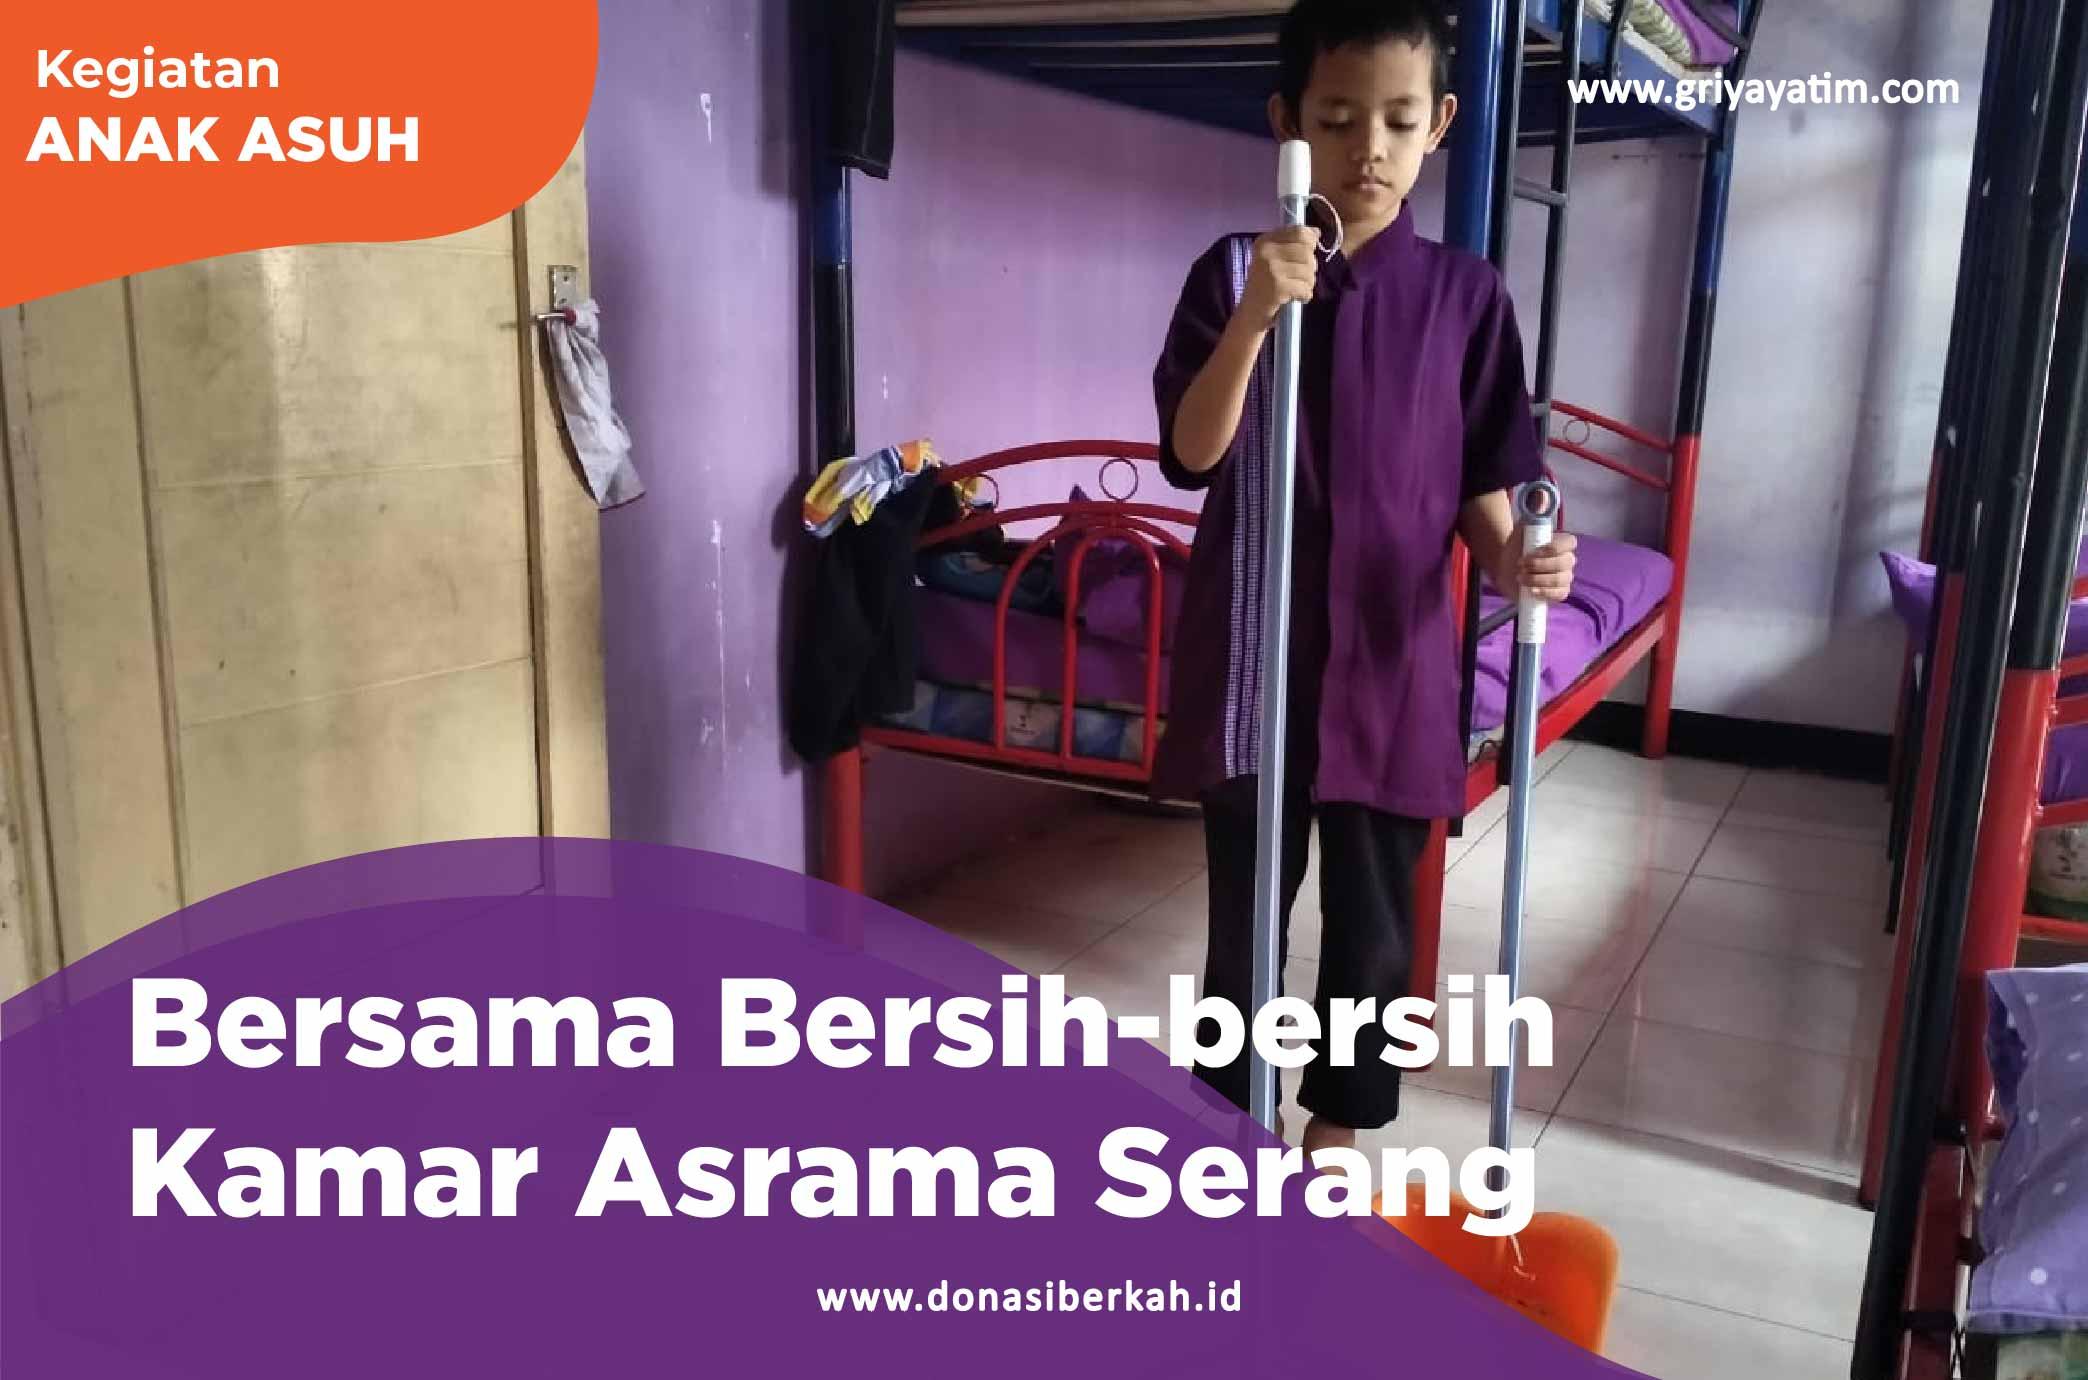 Bersama Bersih-bersih Kamar Asrama Serang